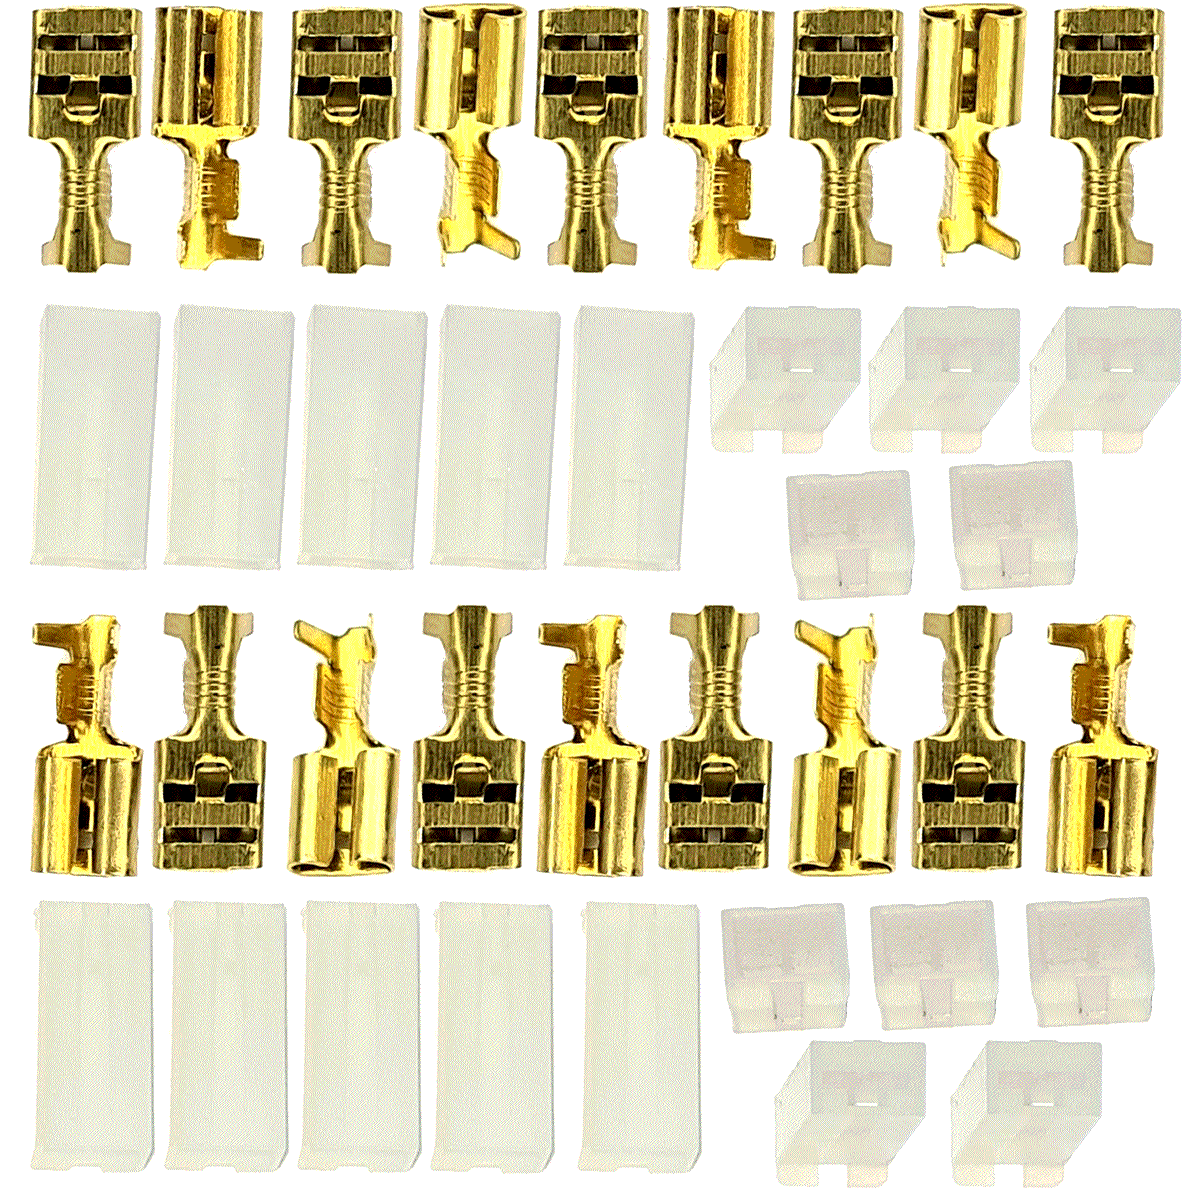 20 Terminais Fêmea e 20 Capas com Trava Latão 6,3mm